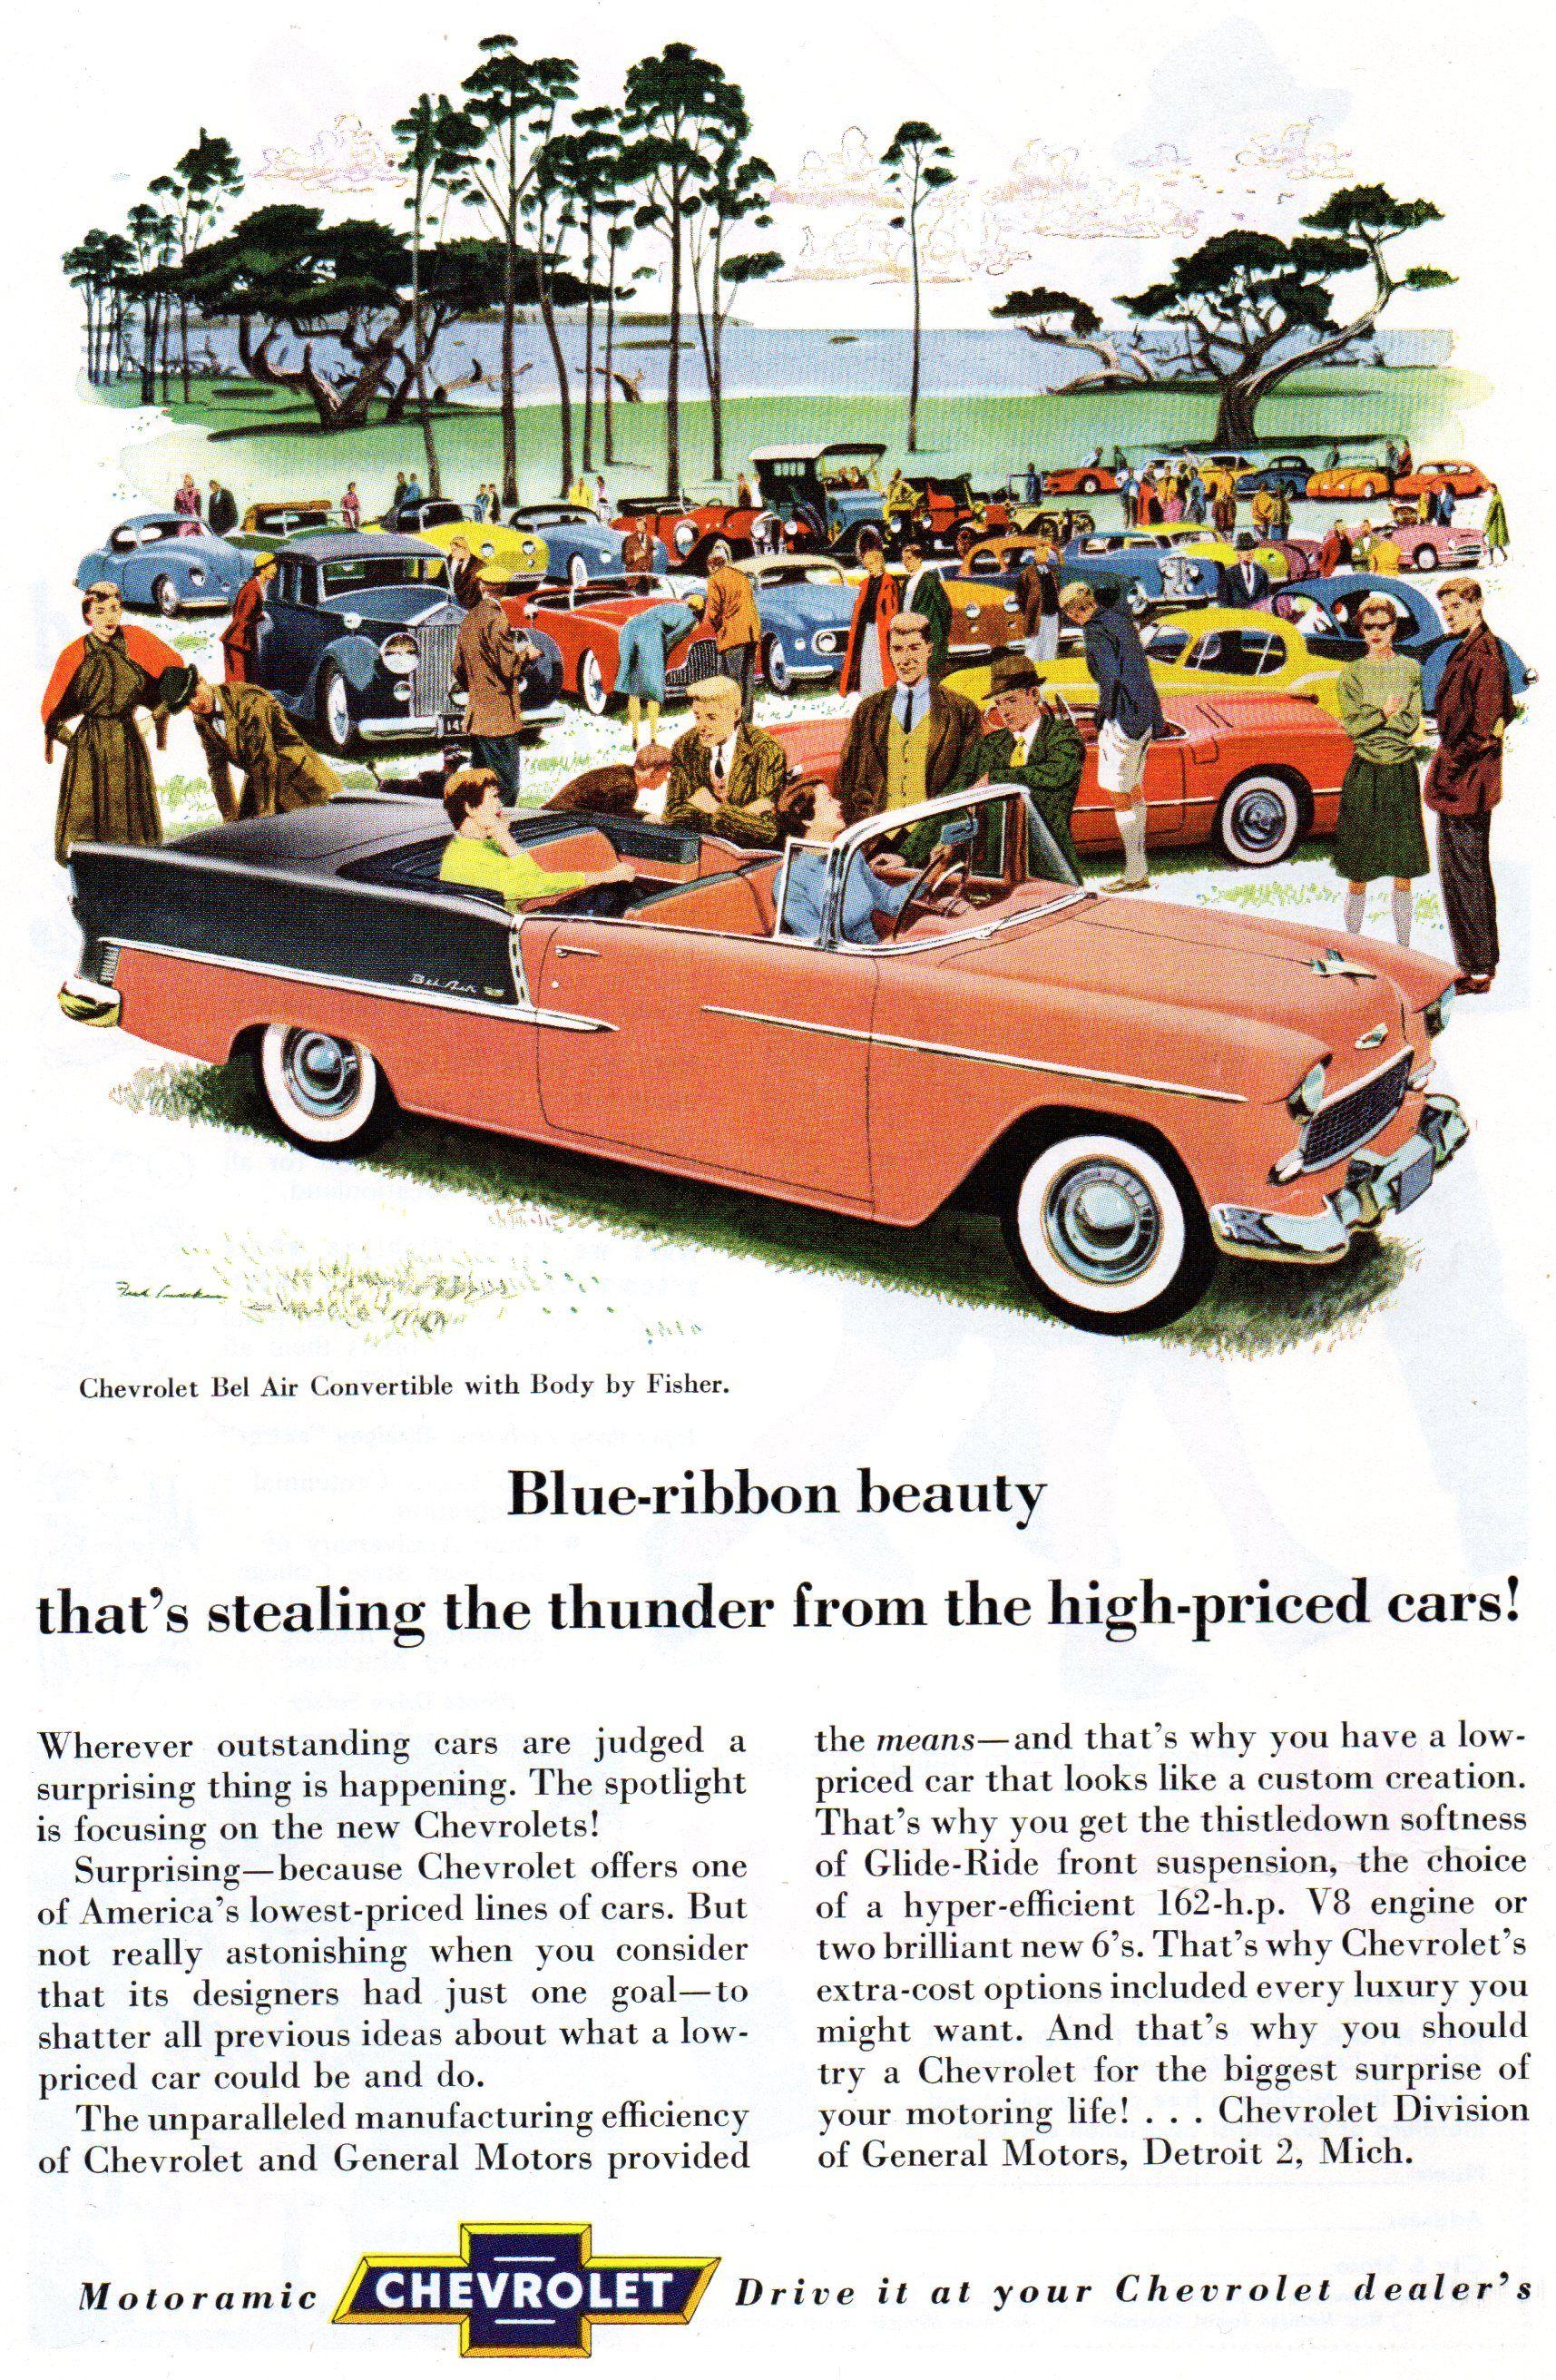 1955 Chevy Ad Car ads, Retro cars, 1955 chevy